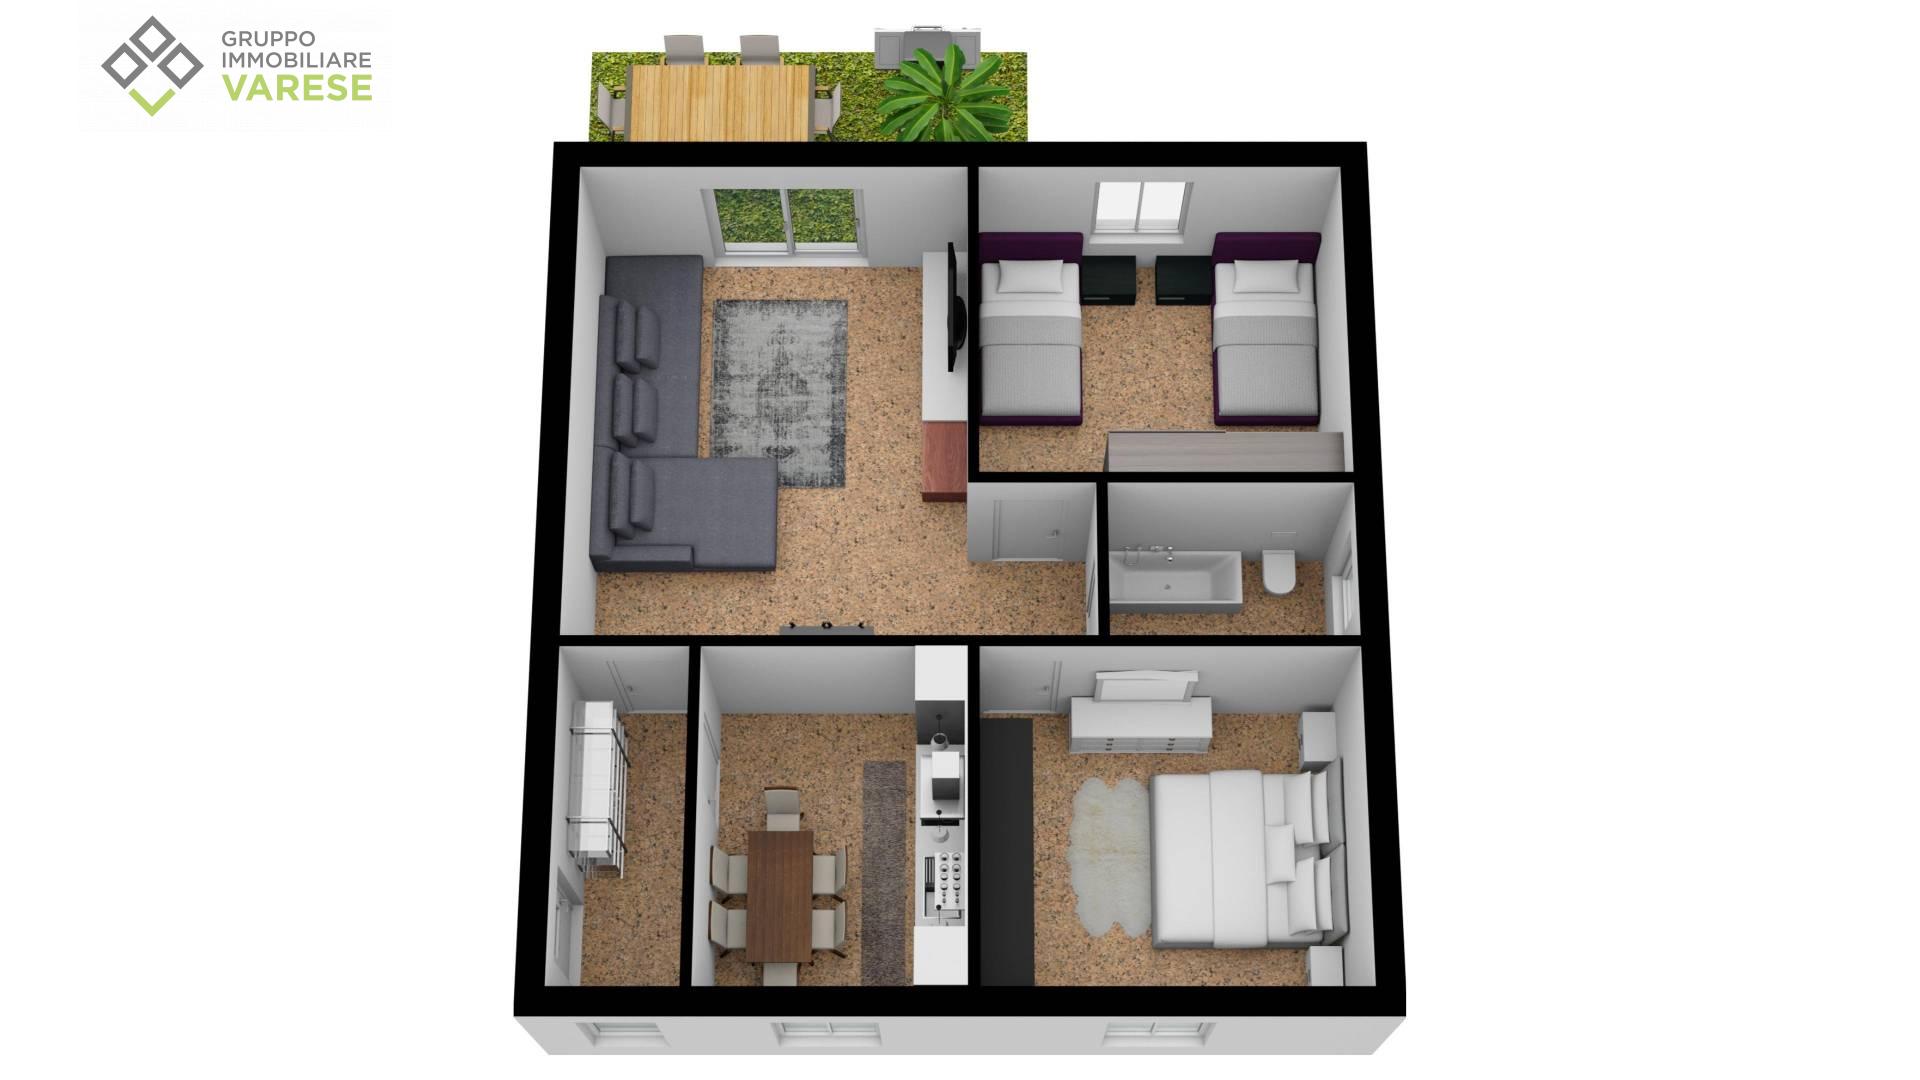 Appartamento in vendita a Comerio, 3 locali, prezzo € 106.000 | CambioCasa.it